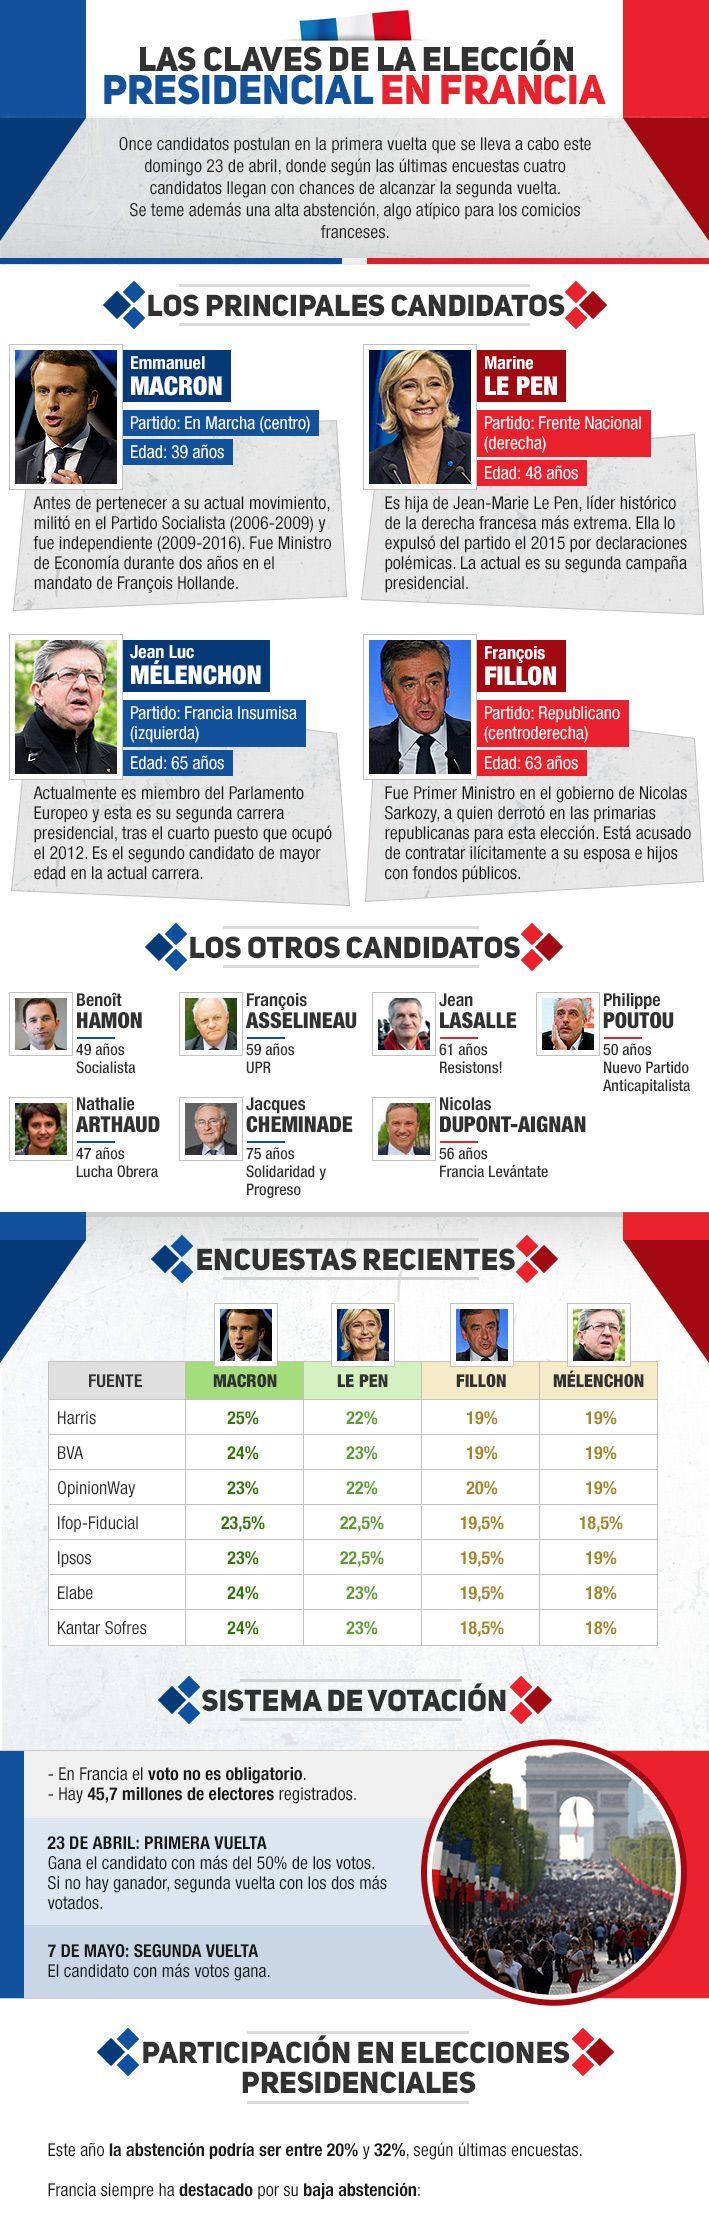 Infografía: Las claves para seguir la elección presidencial en Francia | Emol.com